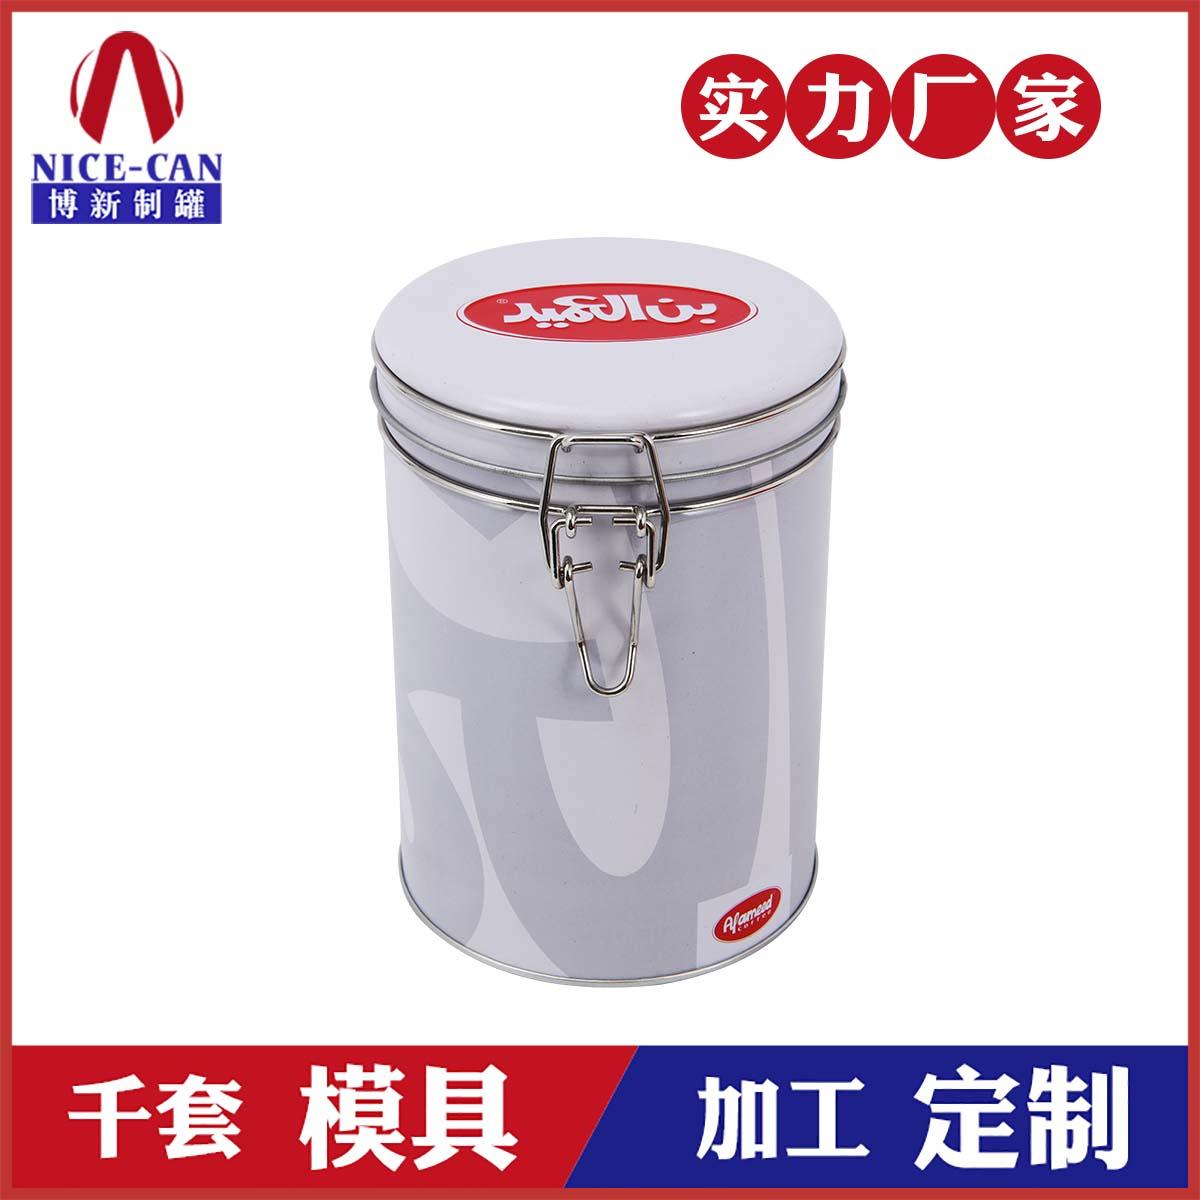 圆形密封带扣铁罐-密封食品铁罐定制